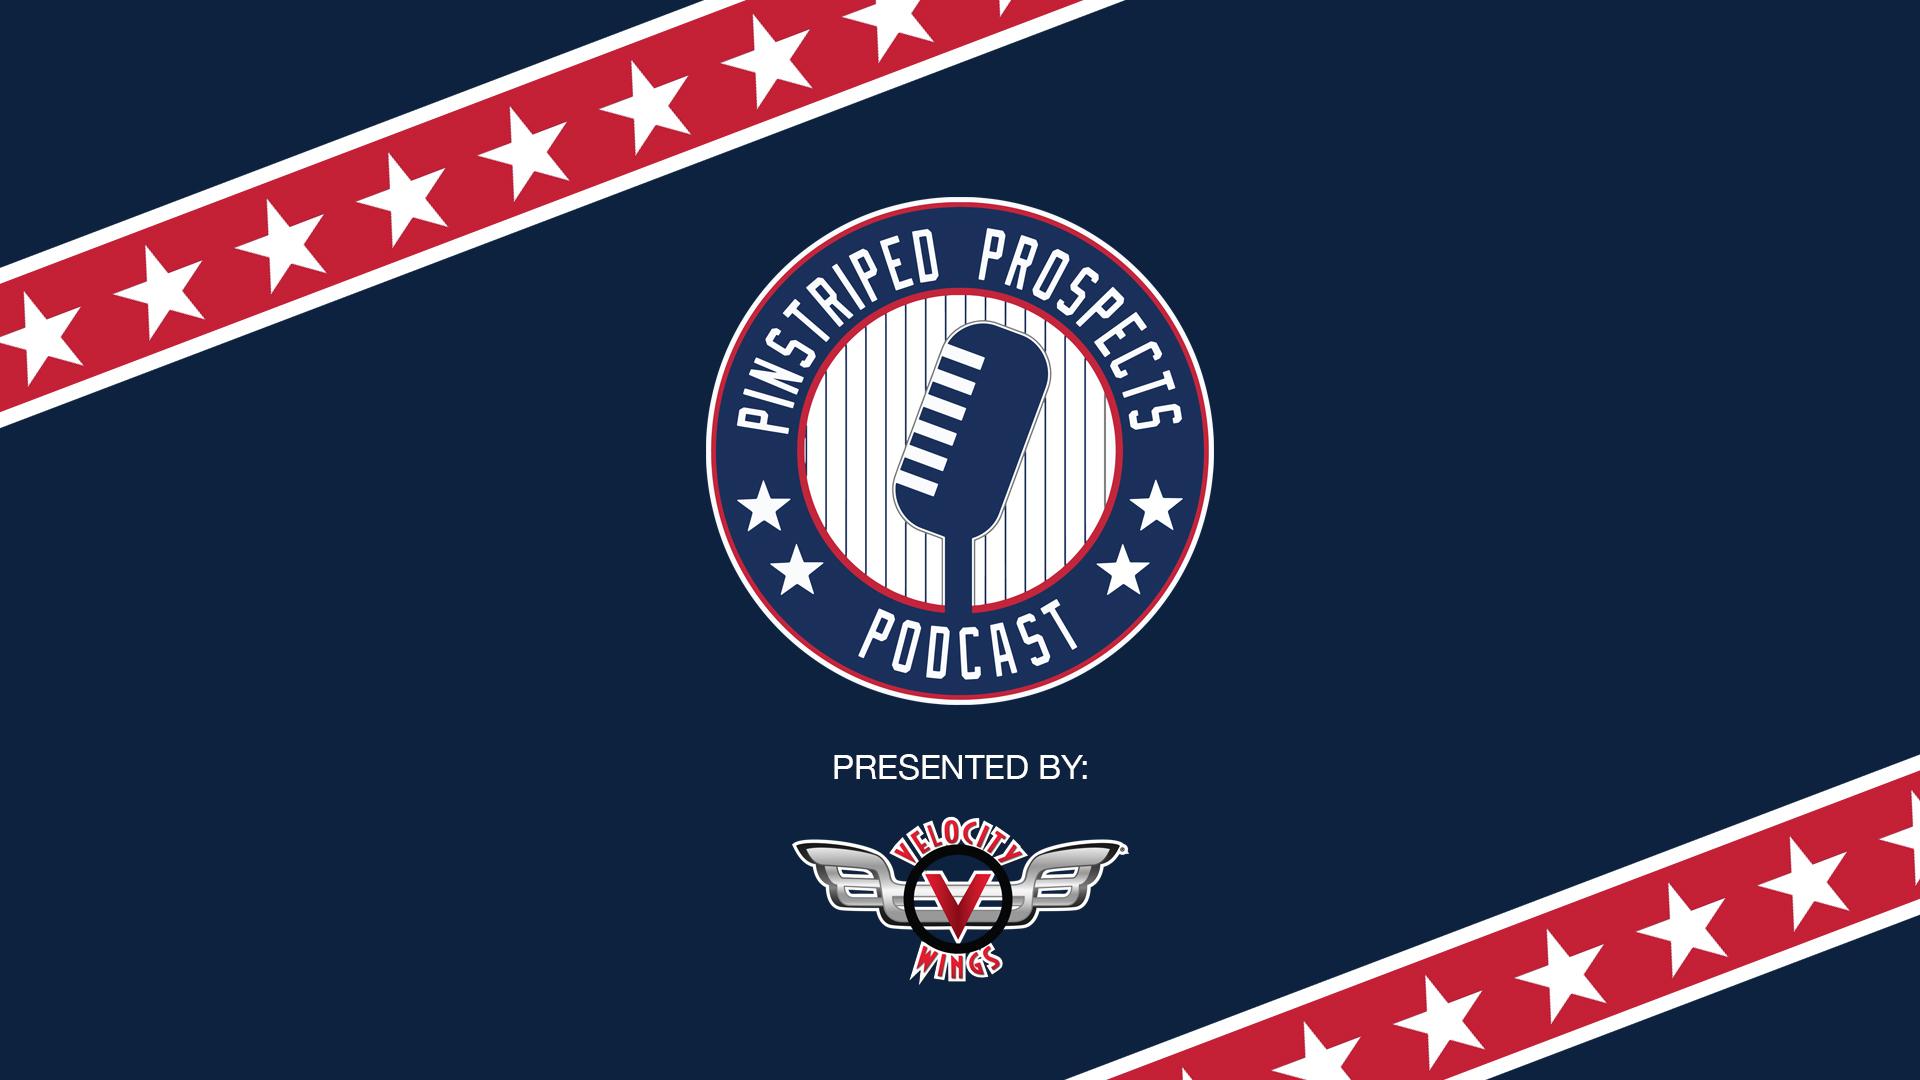 Podcastgraphic